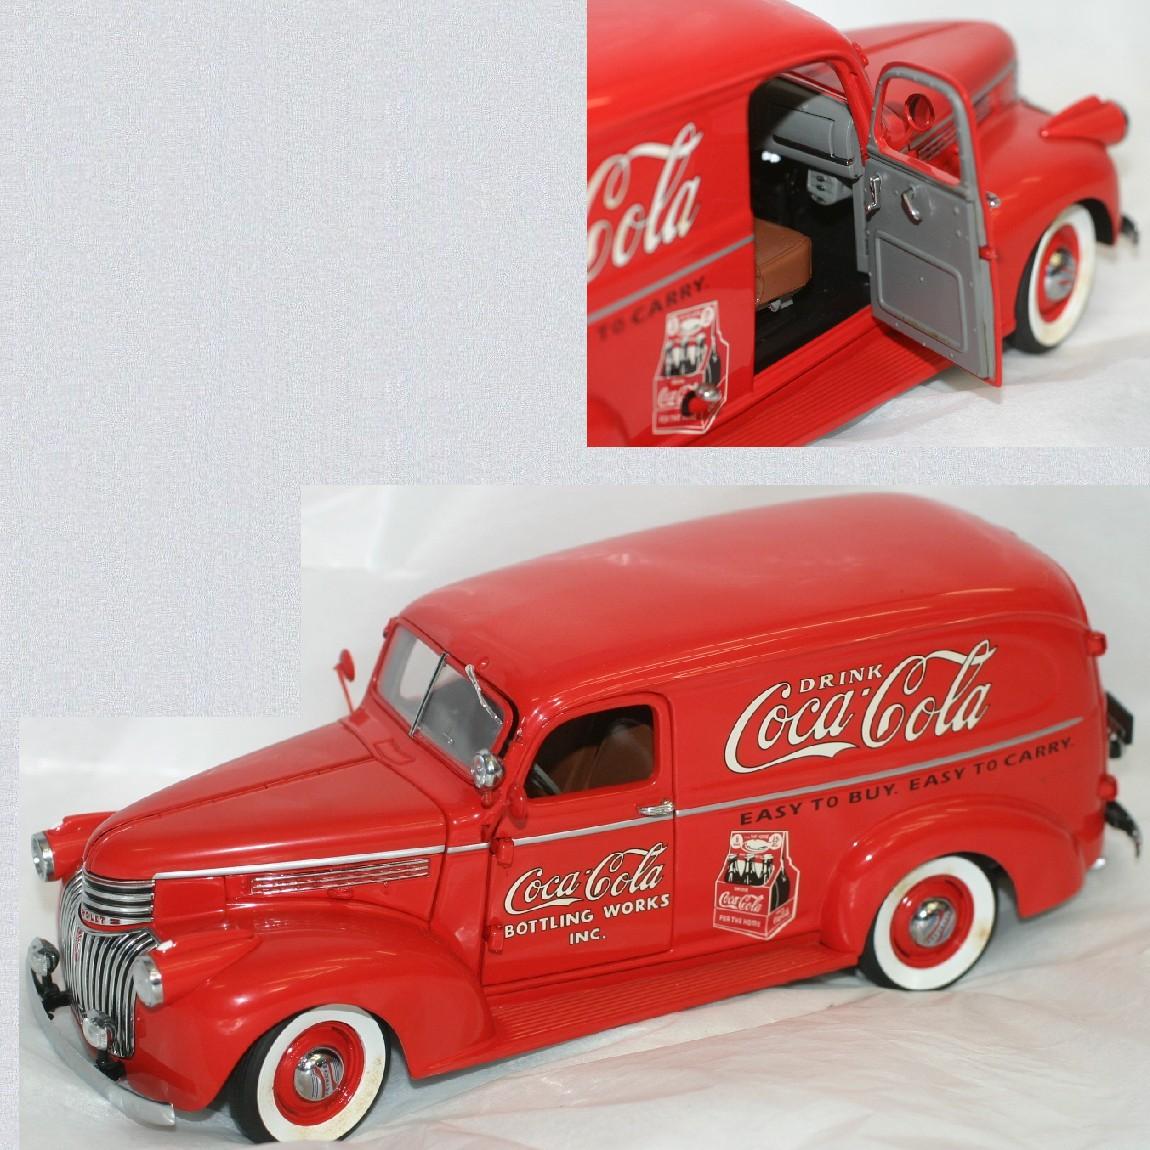 【中古】飾っていましたシボレーの1941年Coca-Colaコカコーラデリバリーモデル赤い車精密な作りサイズW21H7,8D7,7cm